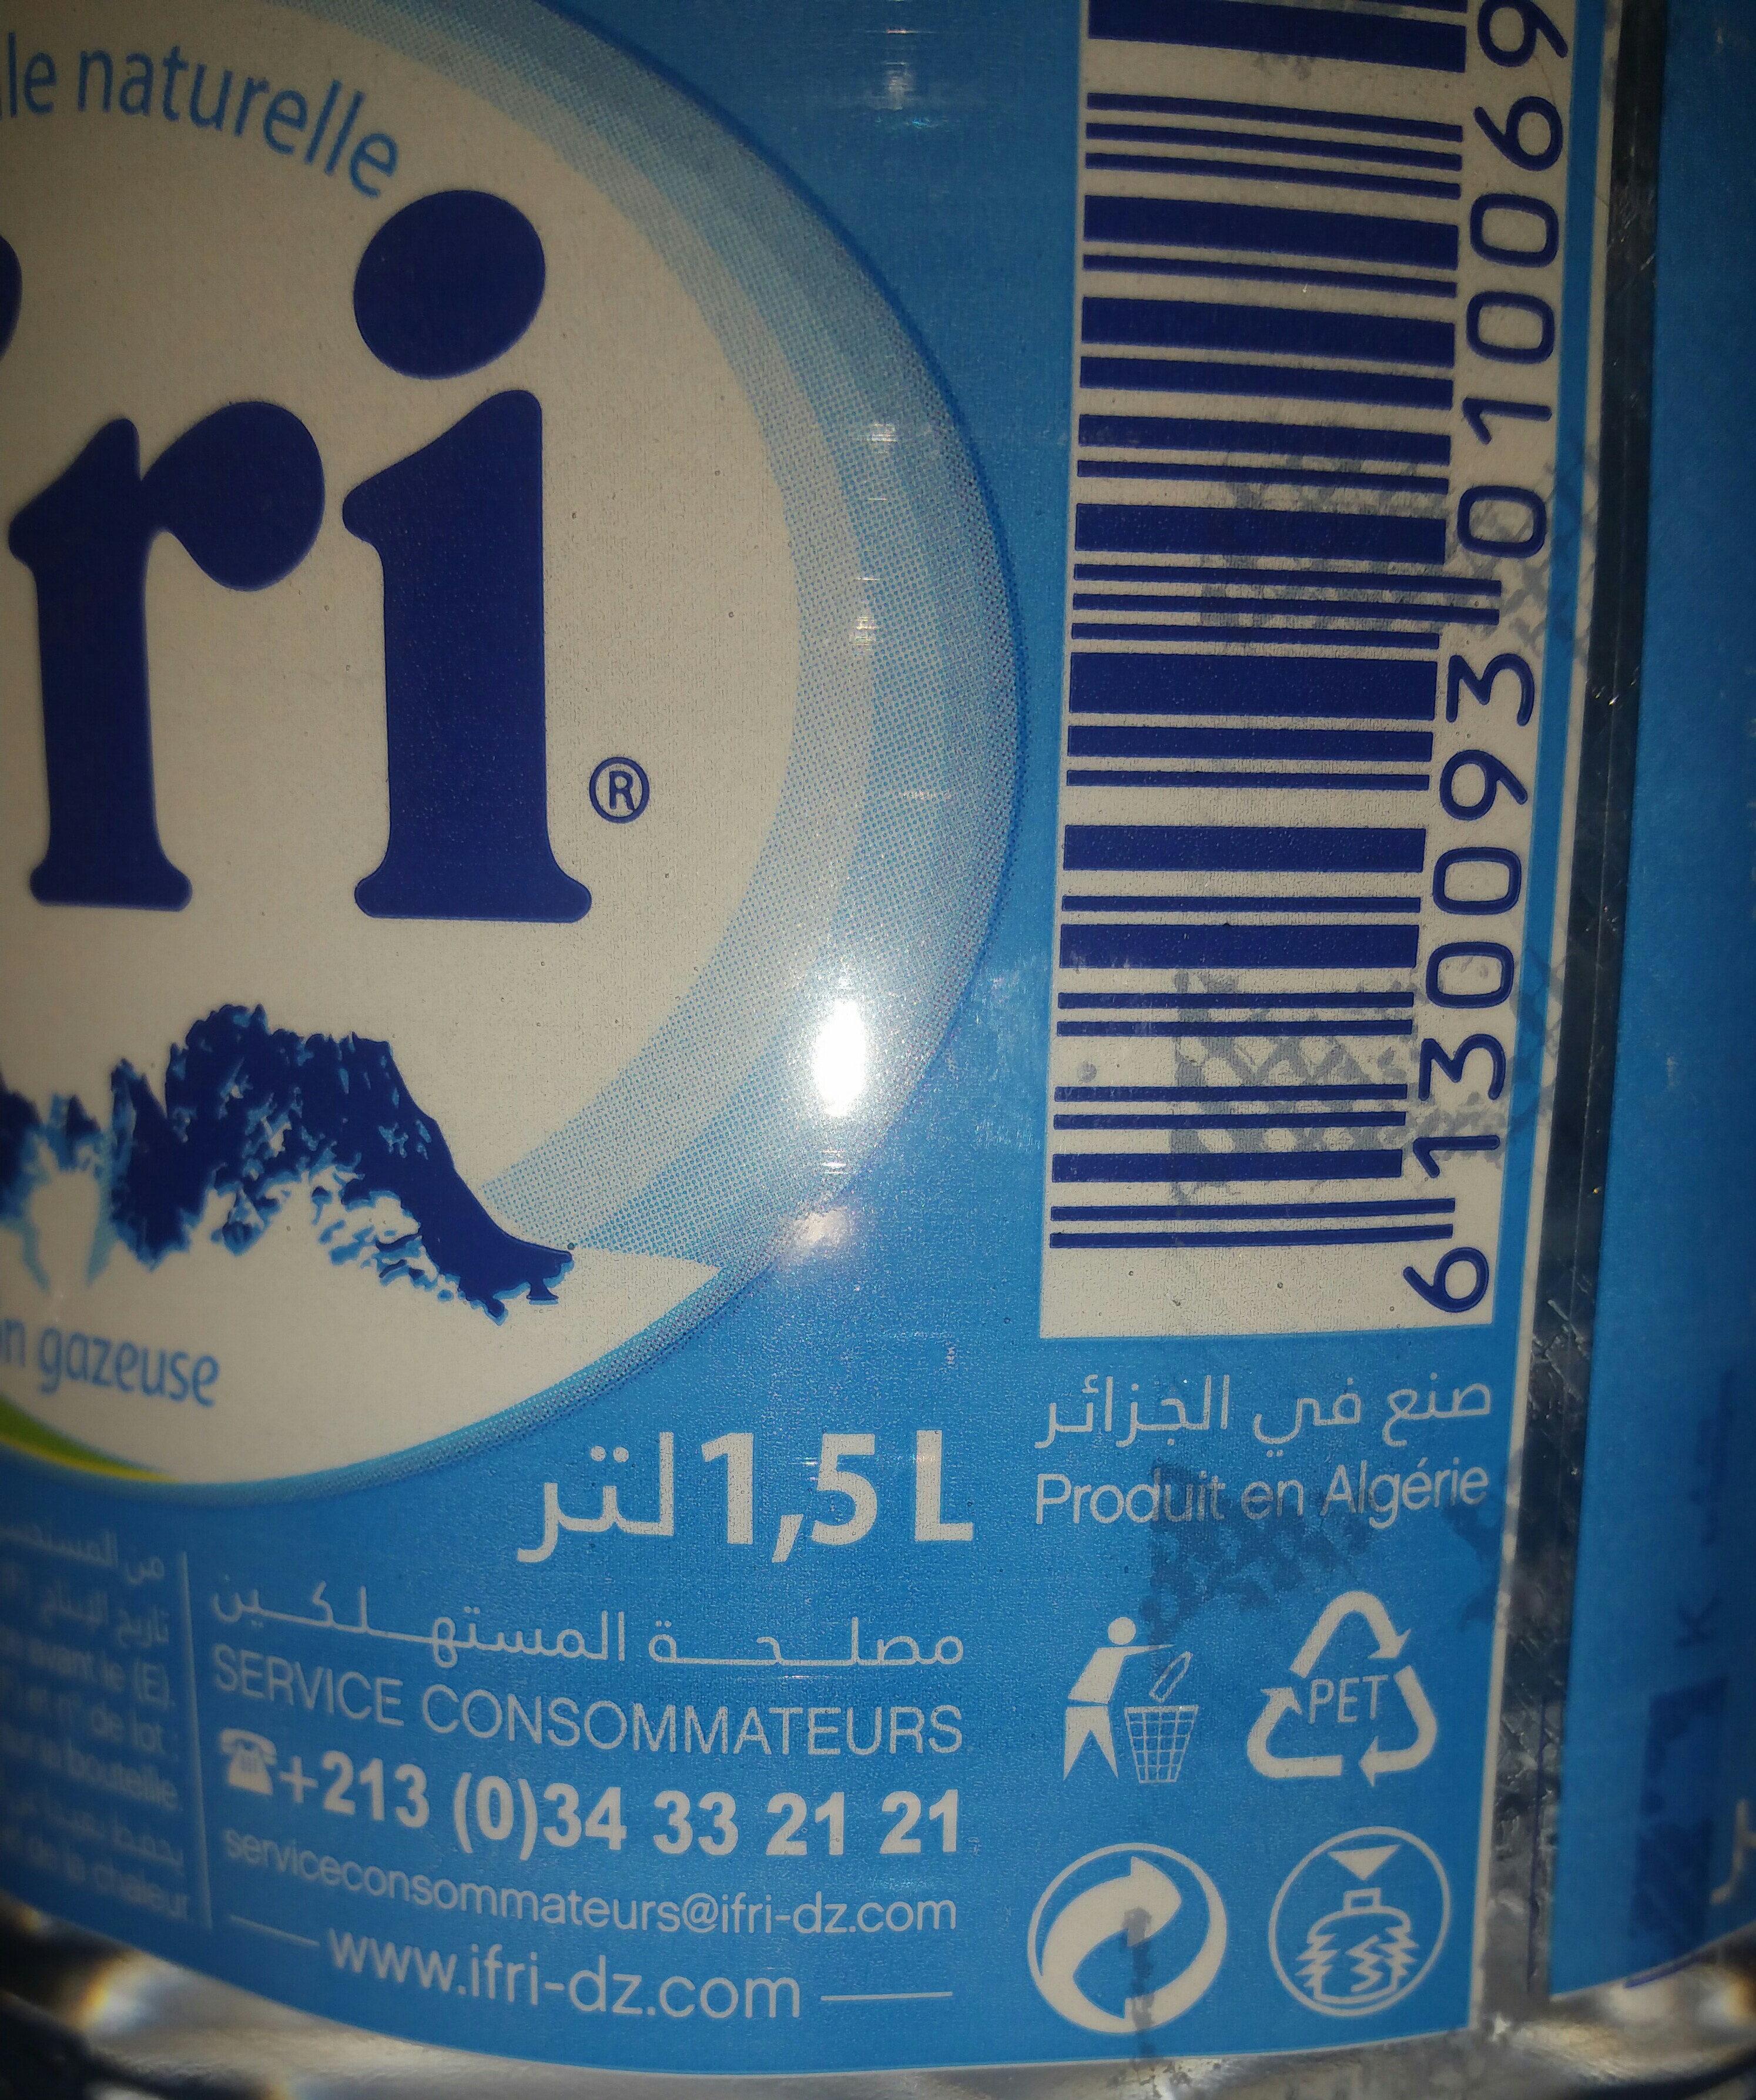 ifri Eau minérale naturelle إفري - حقائق غذائية - fr